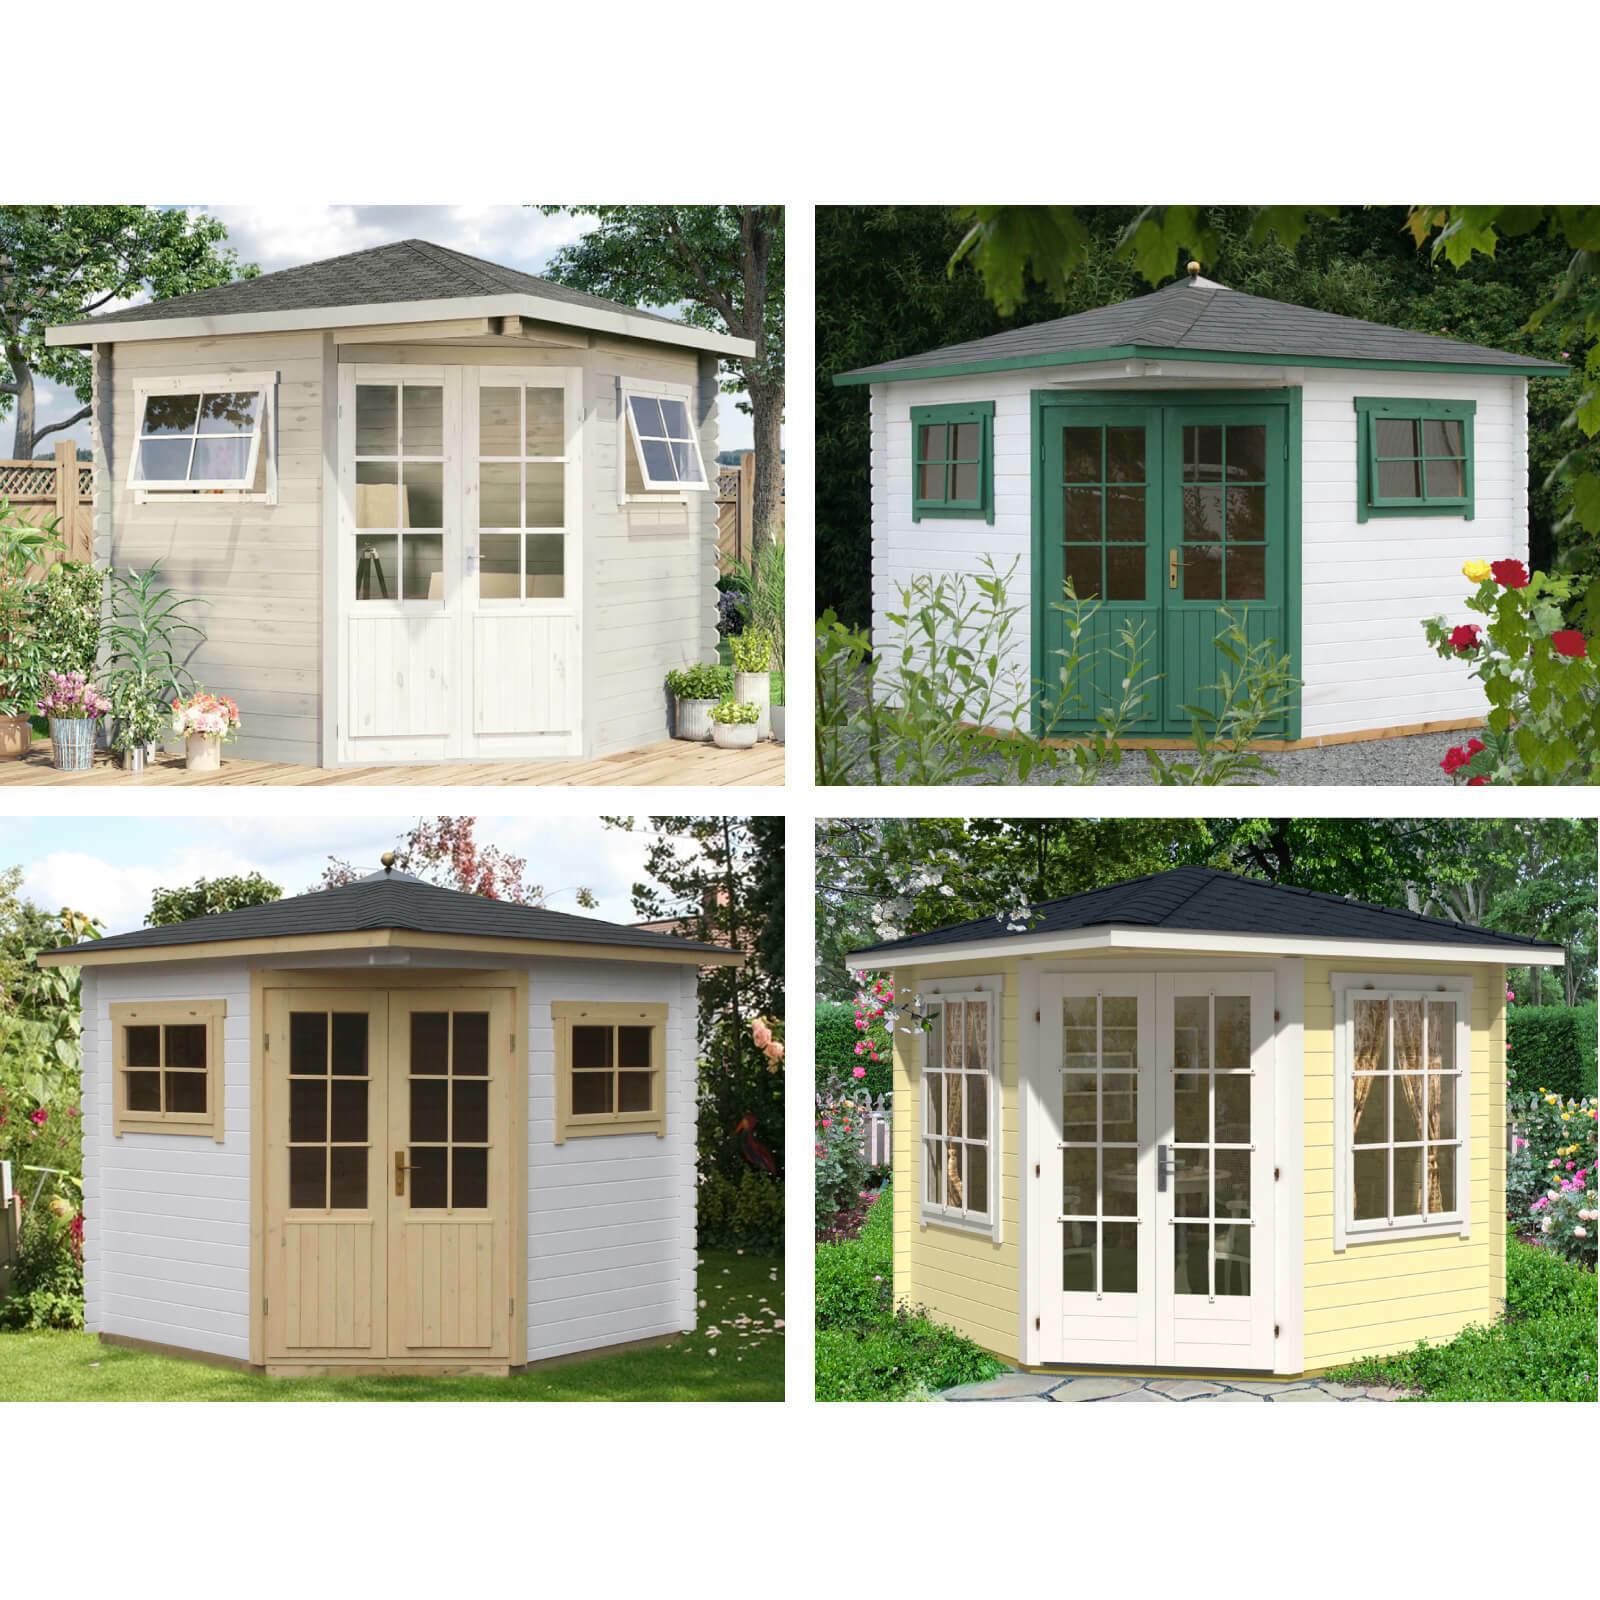 5-Eck Gartenhaus Serie Sunny Holz Spitzdach Blockhaus Gerätehaus